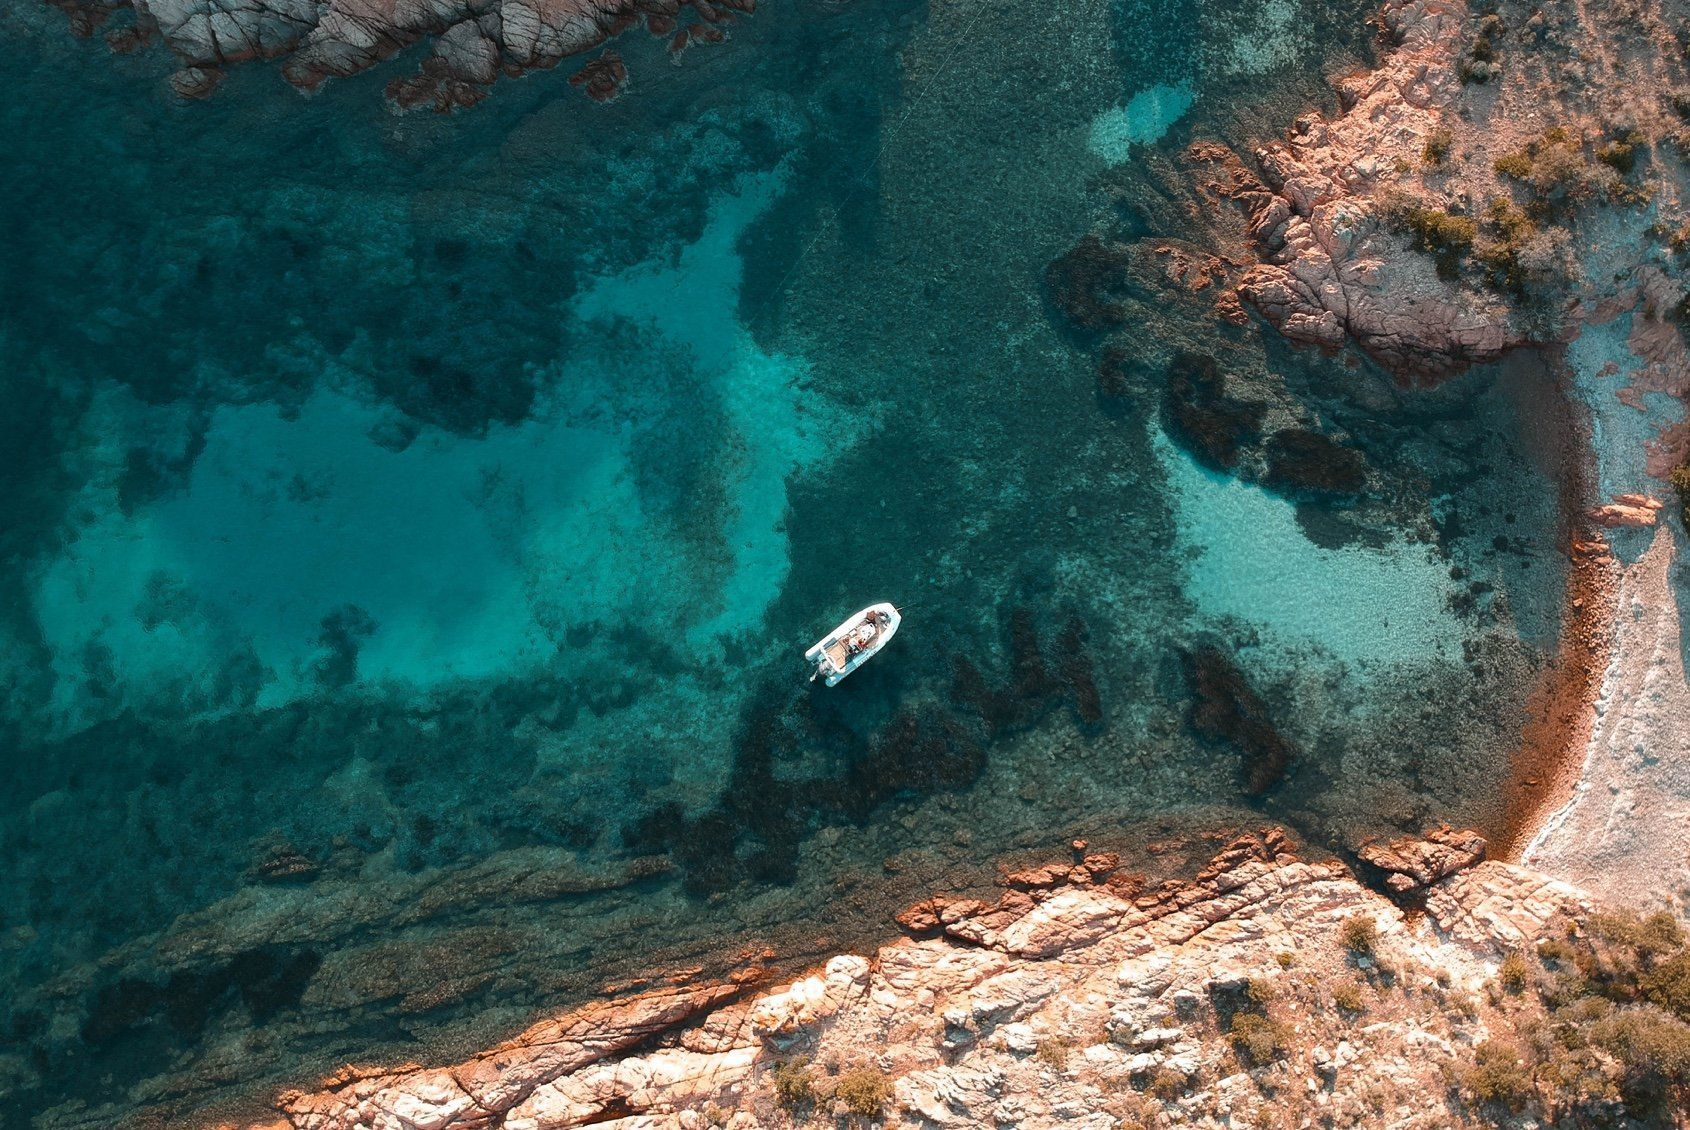 Explore Corsica's wild side